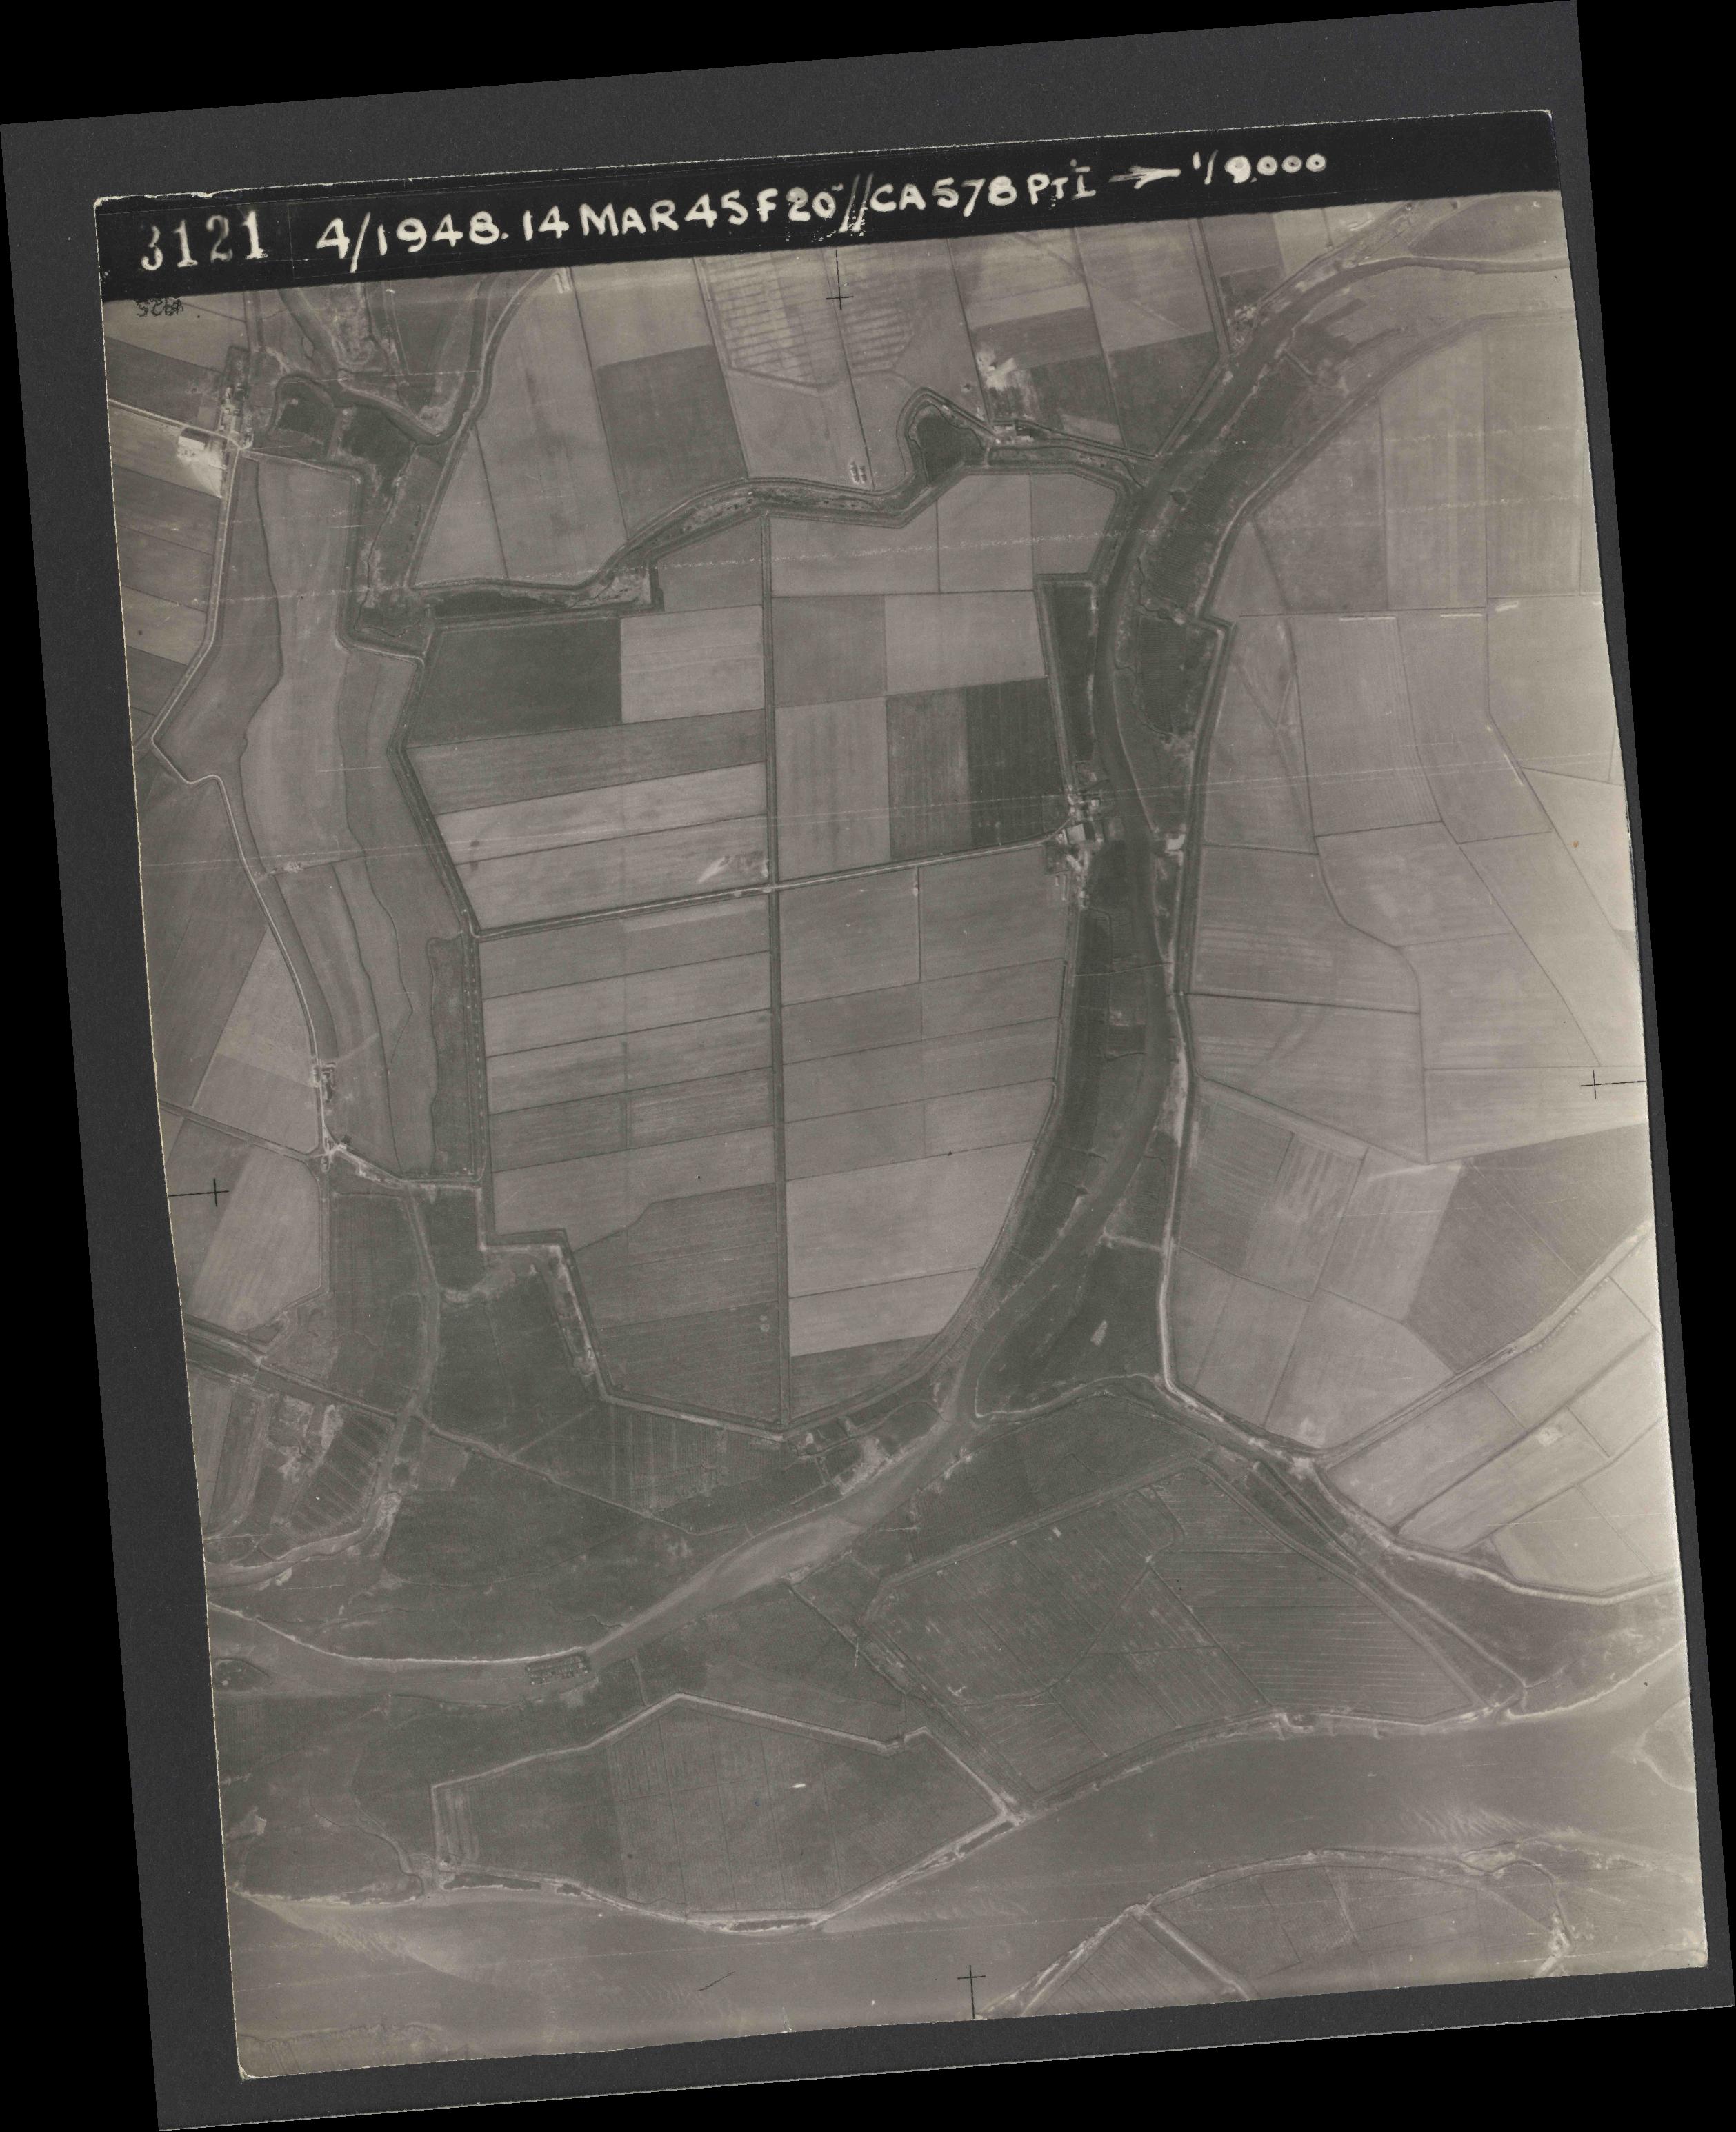 Collection RAF aerial photos 1940-1945 - flight 095, run 02, photo 3121